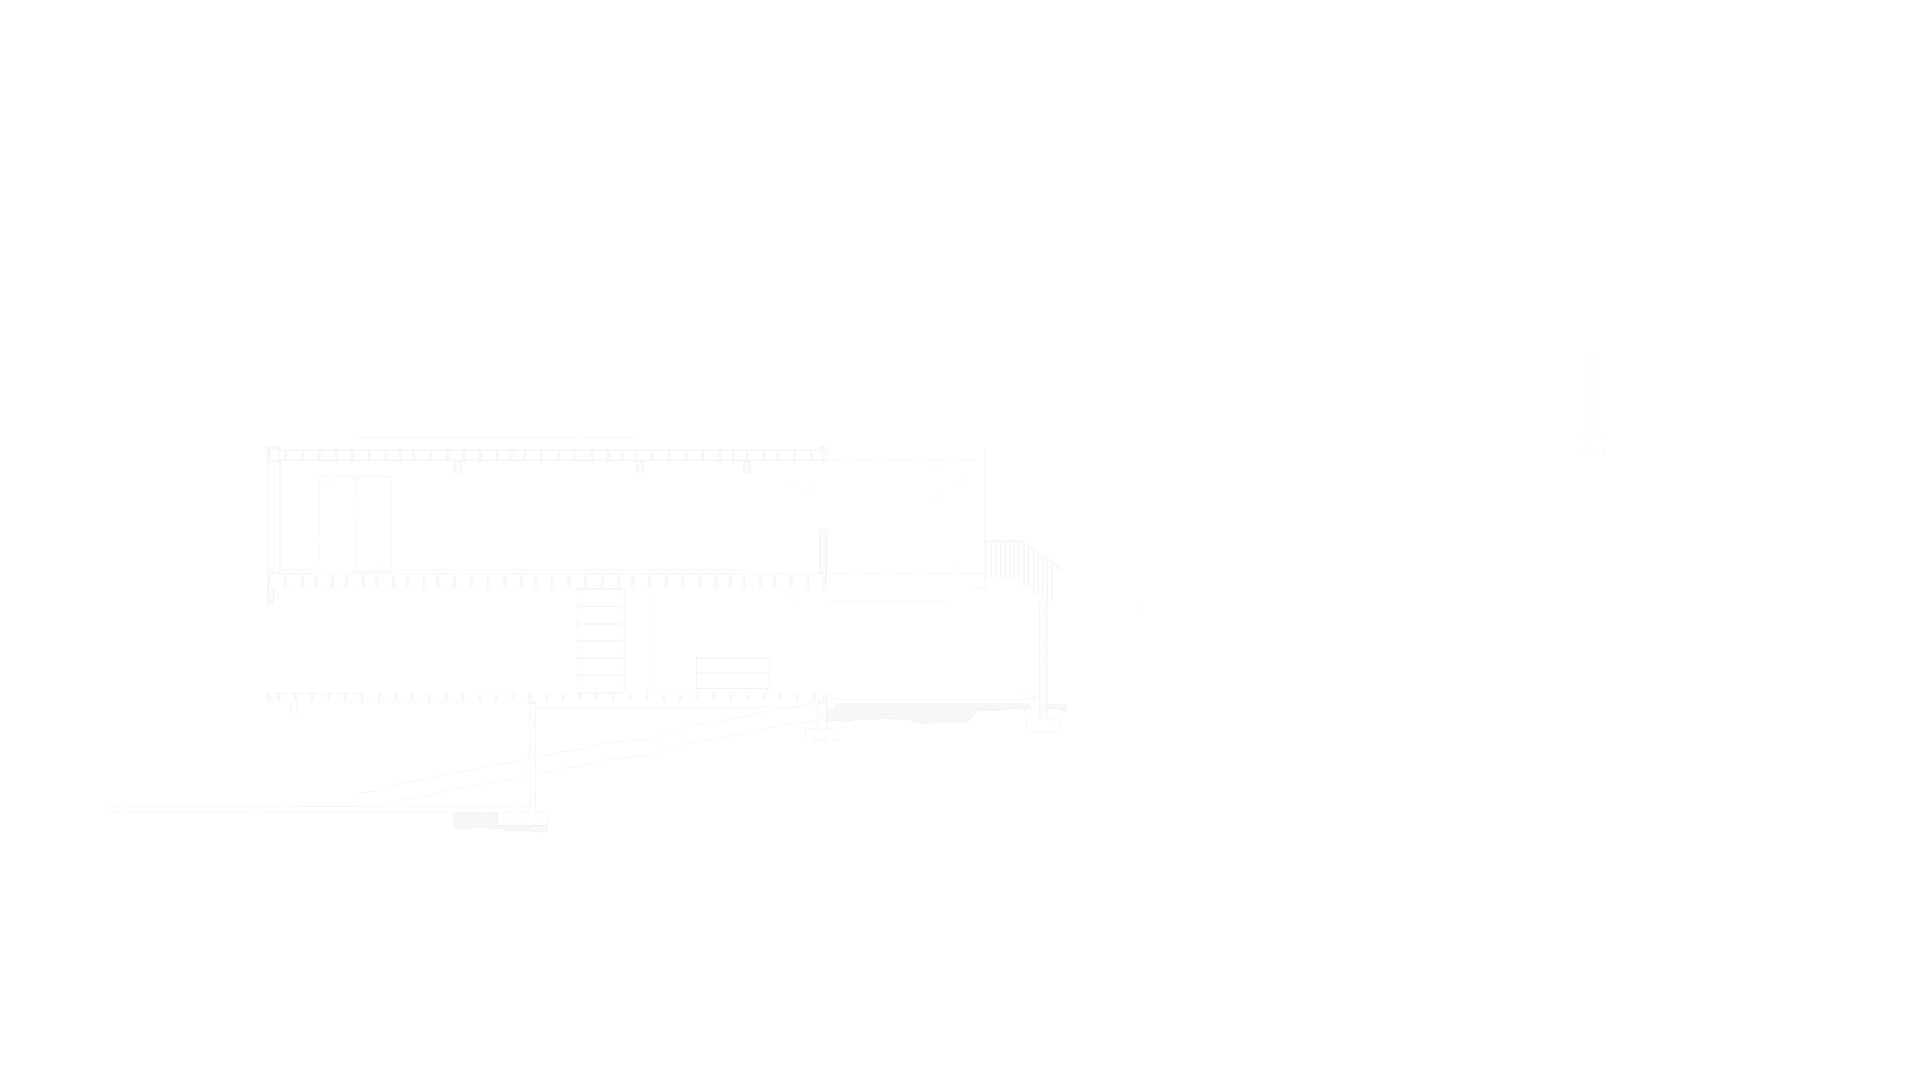 Redrock-06.png